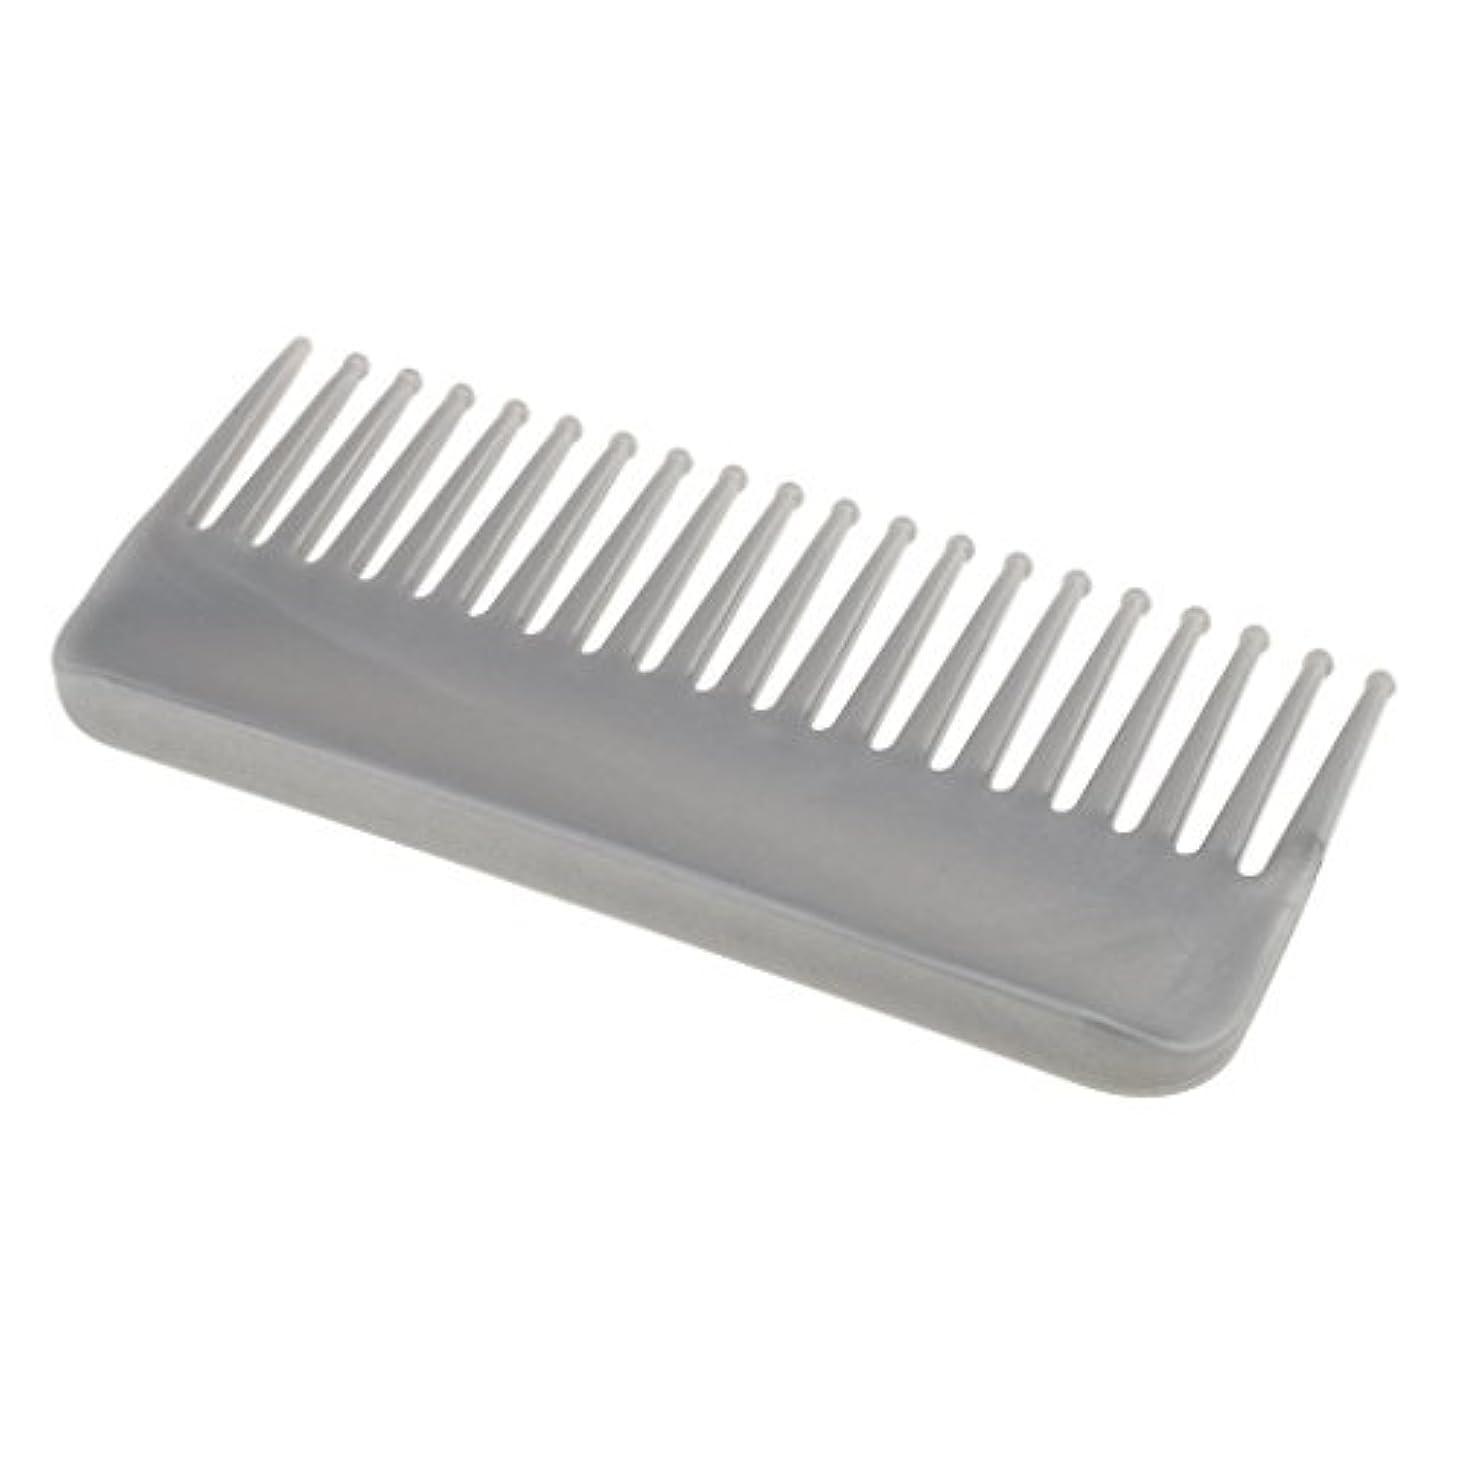 ベーカリーうぬぼれ毎年プラスチック製の絡みのない広い歯のヘアブラシサロンヘアケアマッサージツール